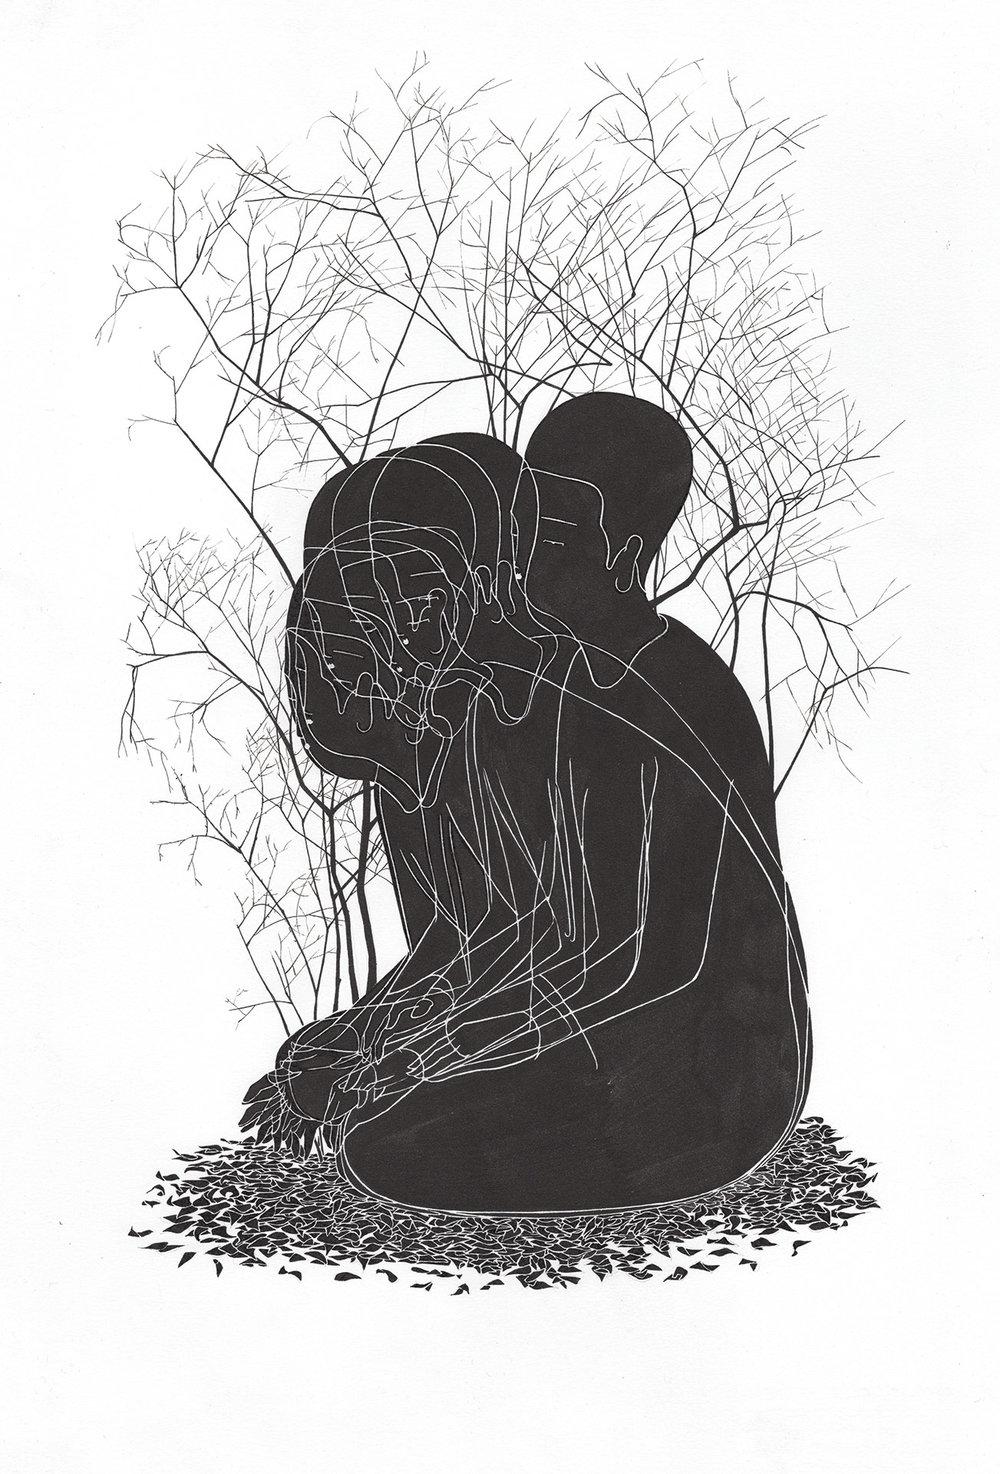 조금씩 흔들릴 뿐 늘 거기에 있다 / Tree was there swaying in the wind like me Op.0172P -38 x 56 cm,종이에 잉크 / Ink on paper, 2017